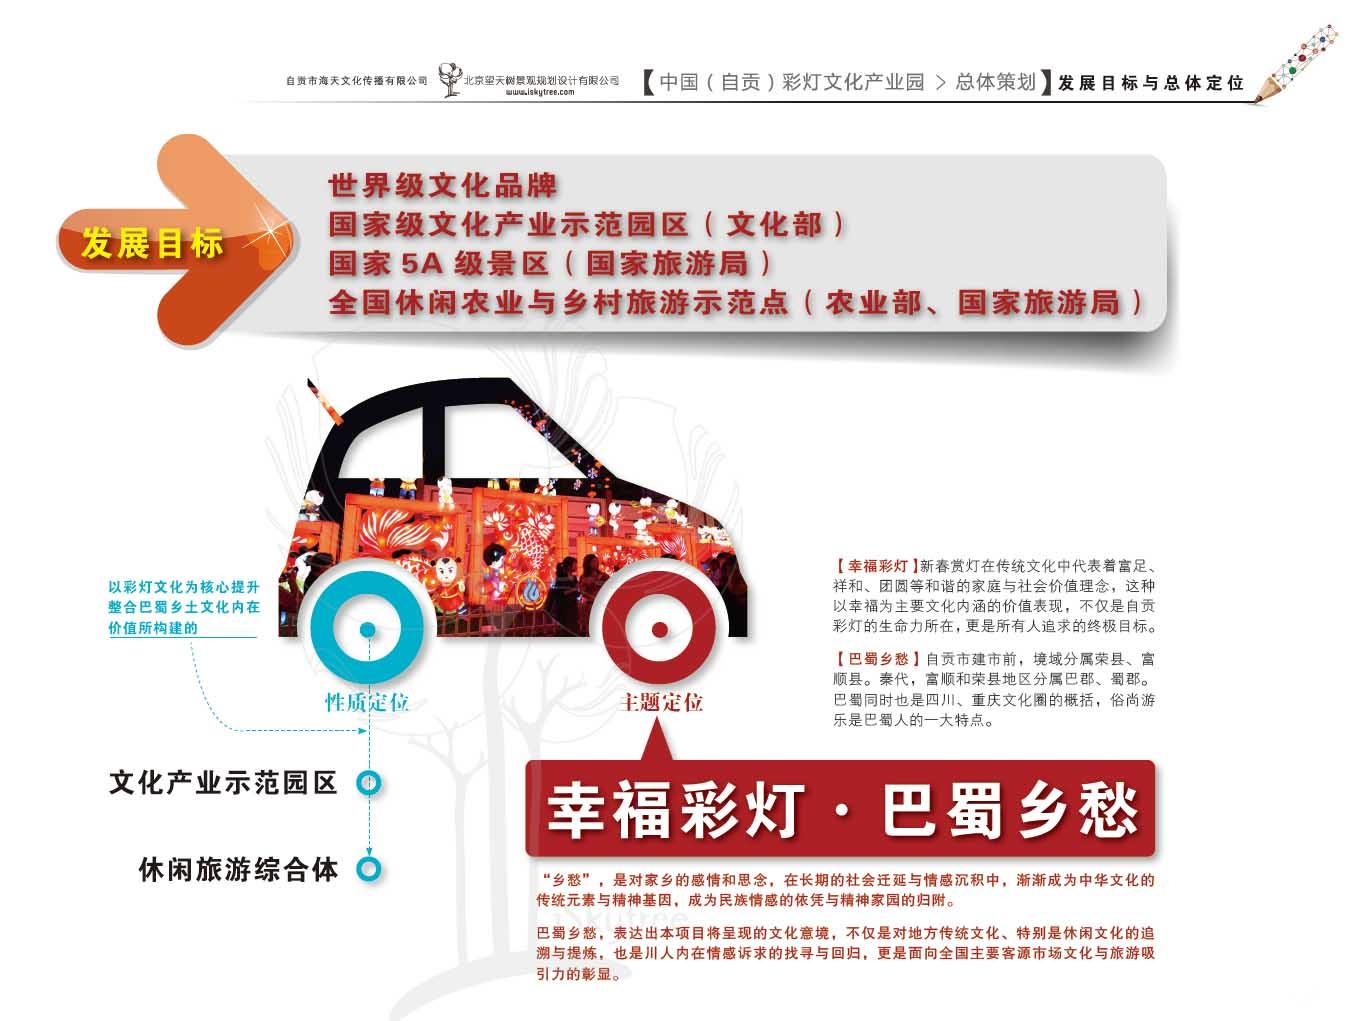 自贡彩灯文化产业园发展目标与定位